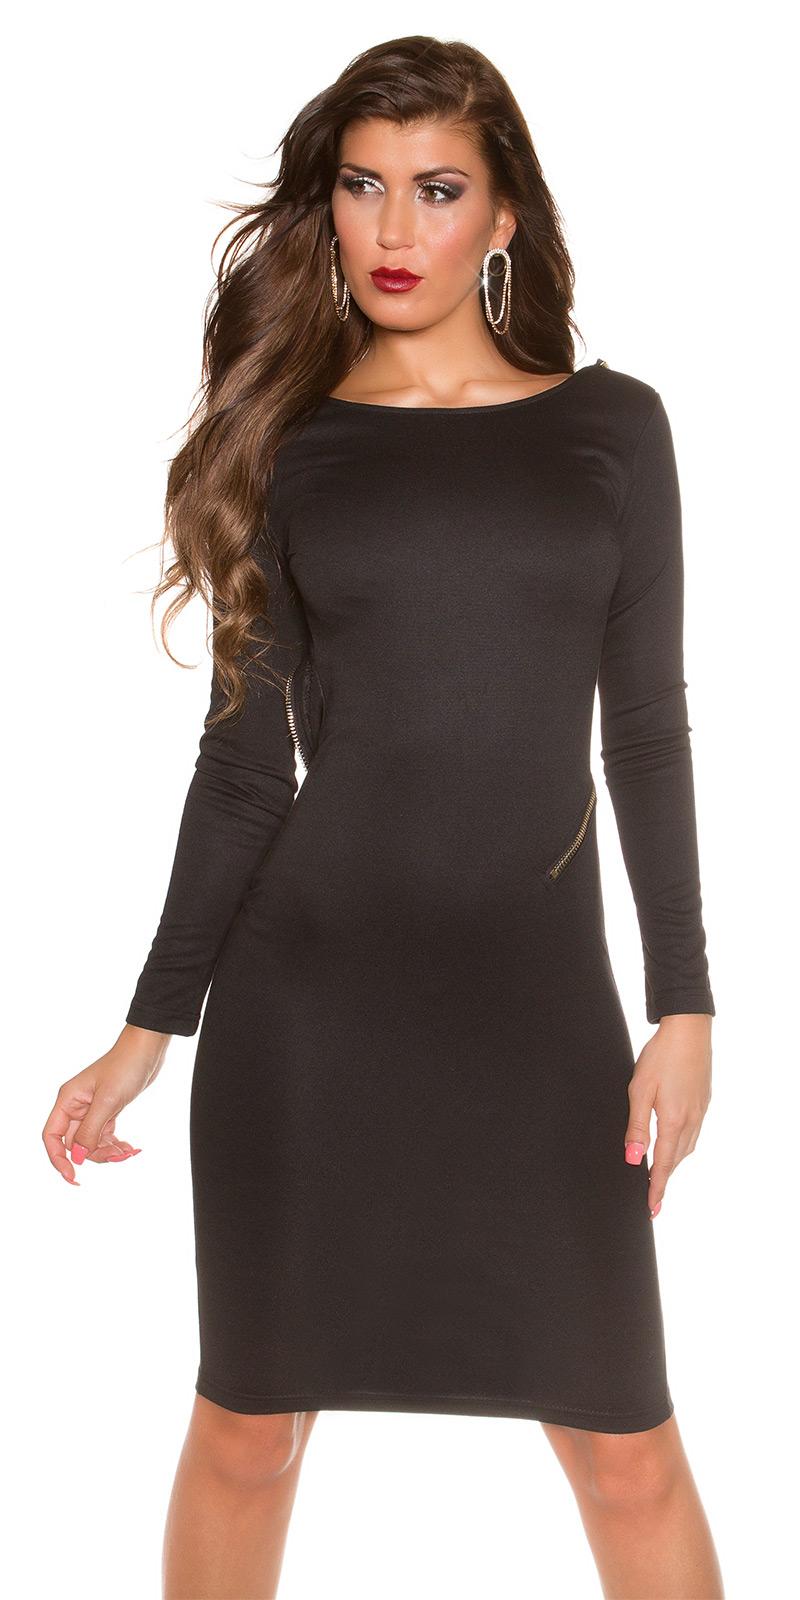 Trendstylez - Exklusives Kleid mit tuefen Rückenausschnitt